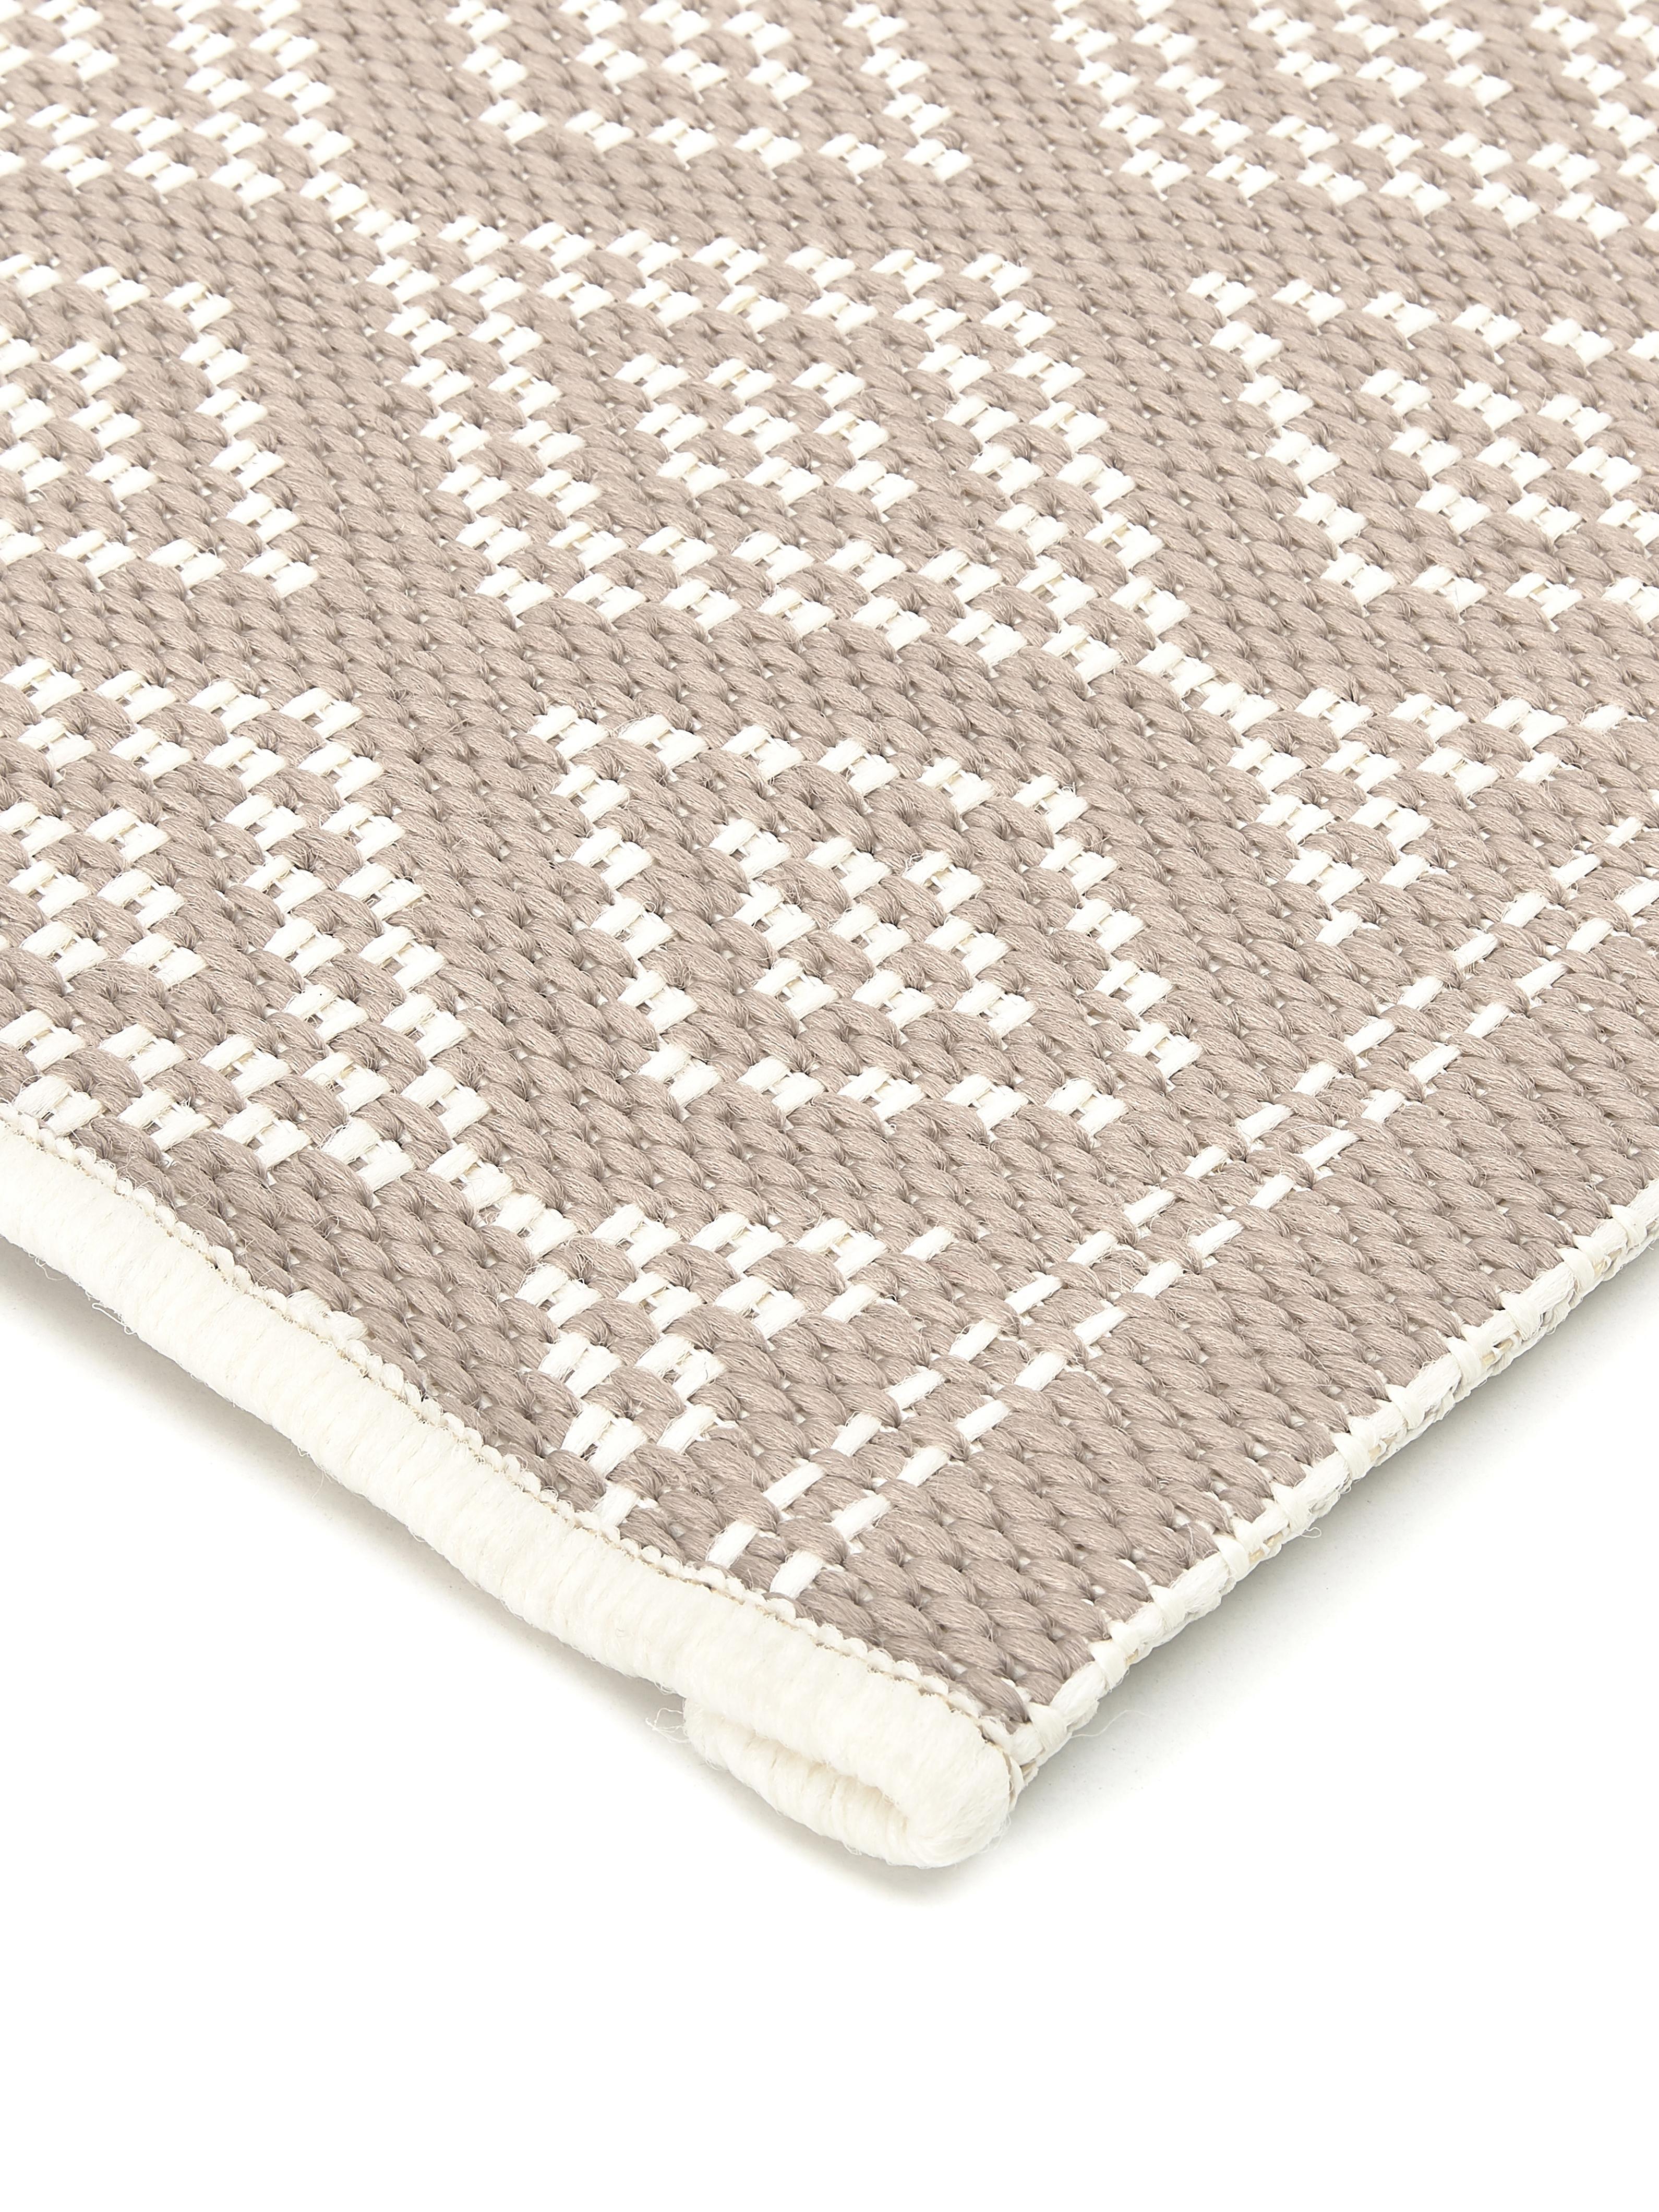 Tappeto da interno-esterno Capri, Retro: poliestere, Bianco crema, beige, Larg. 80 x Lung. 250 cm